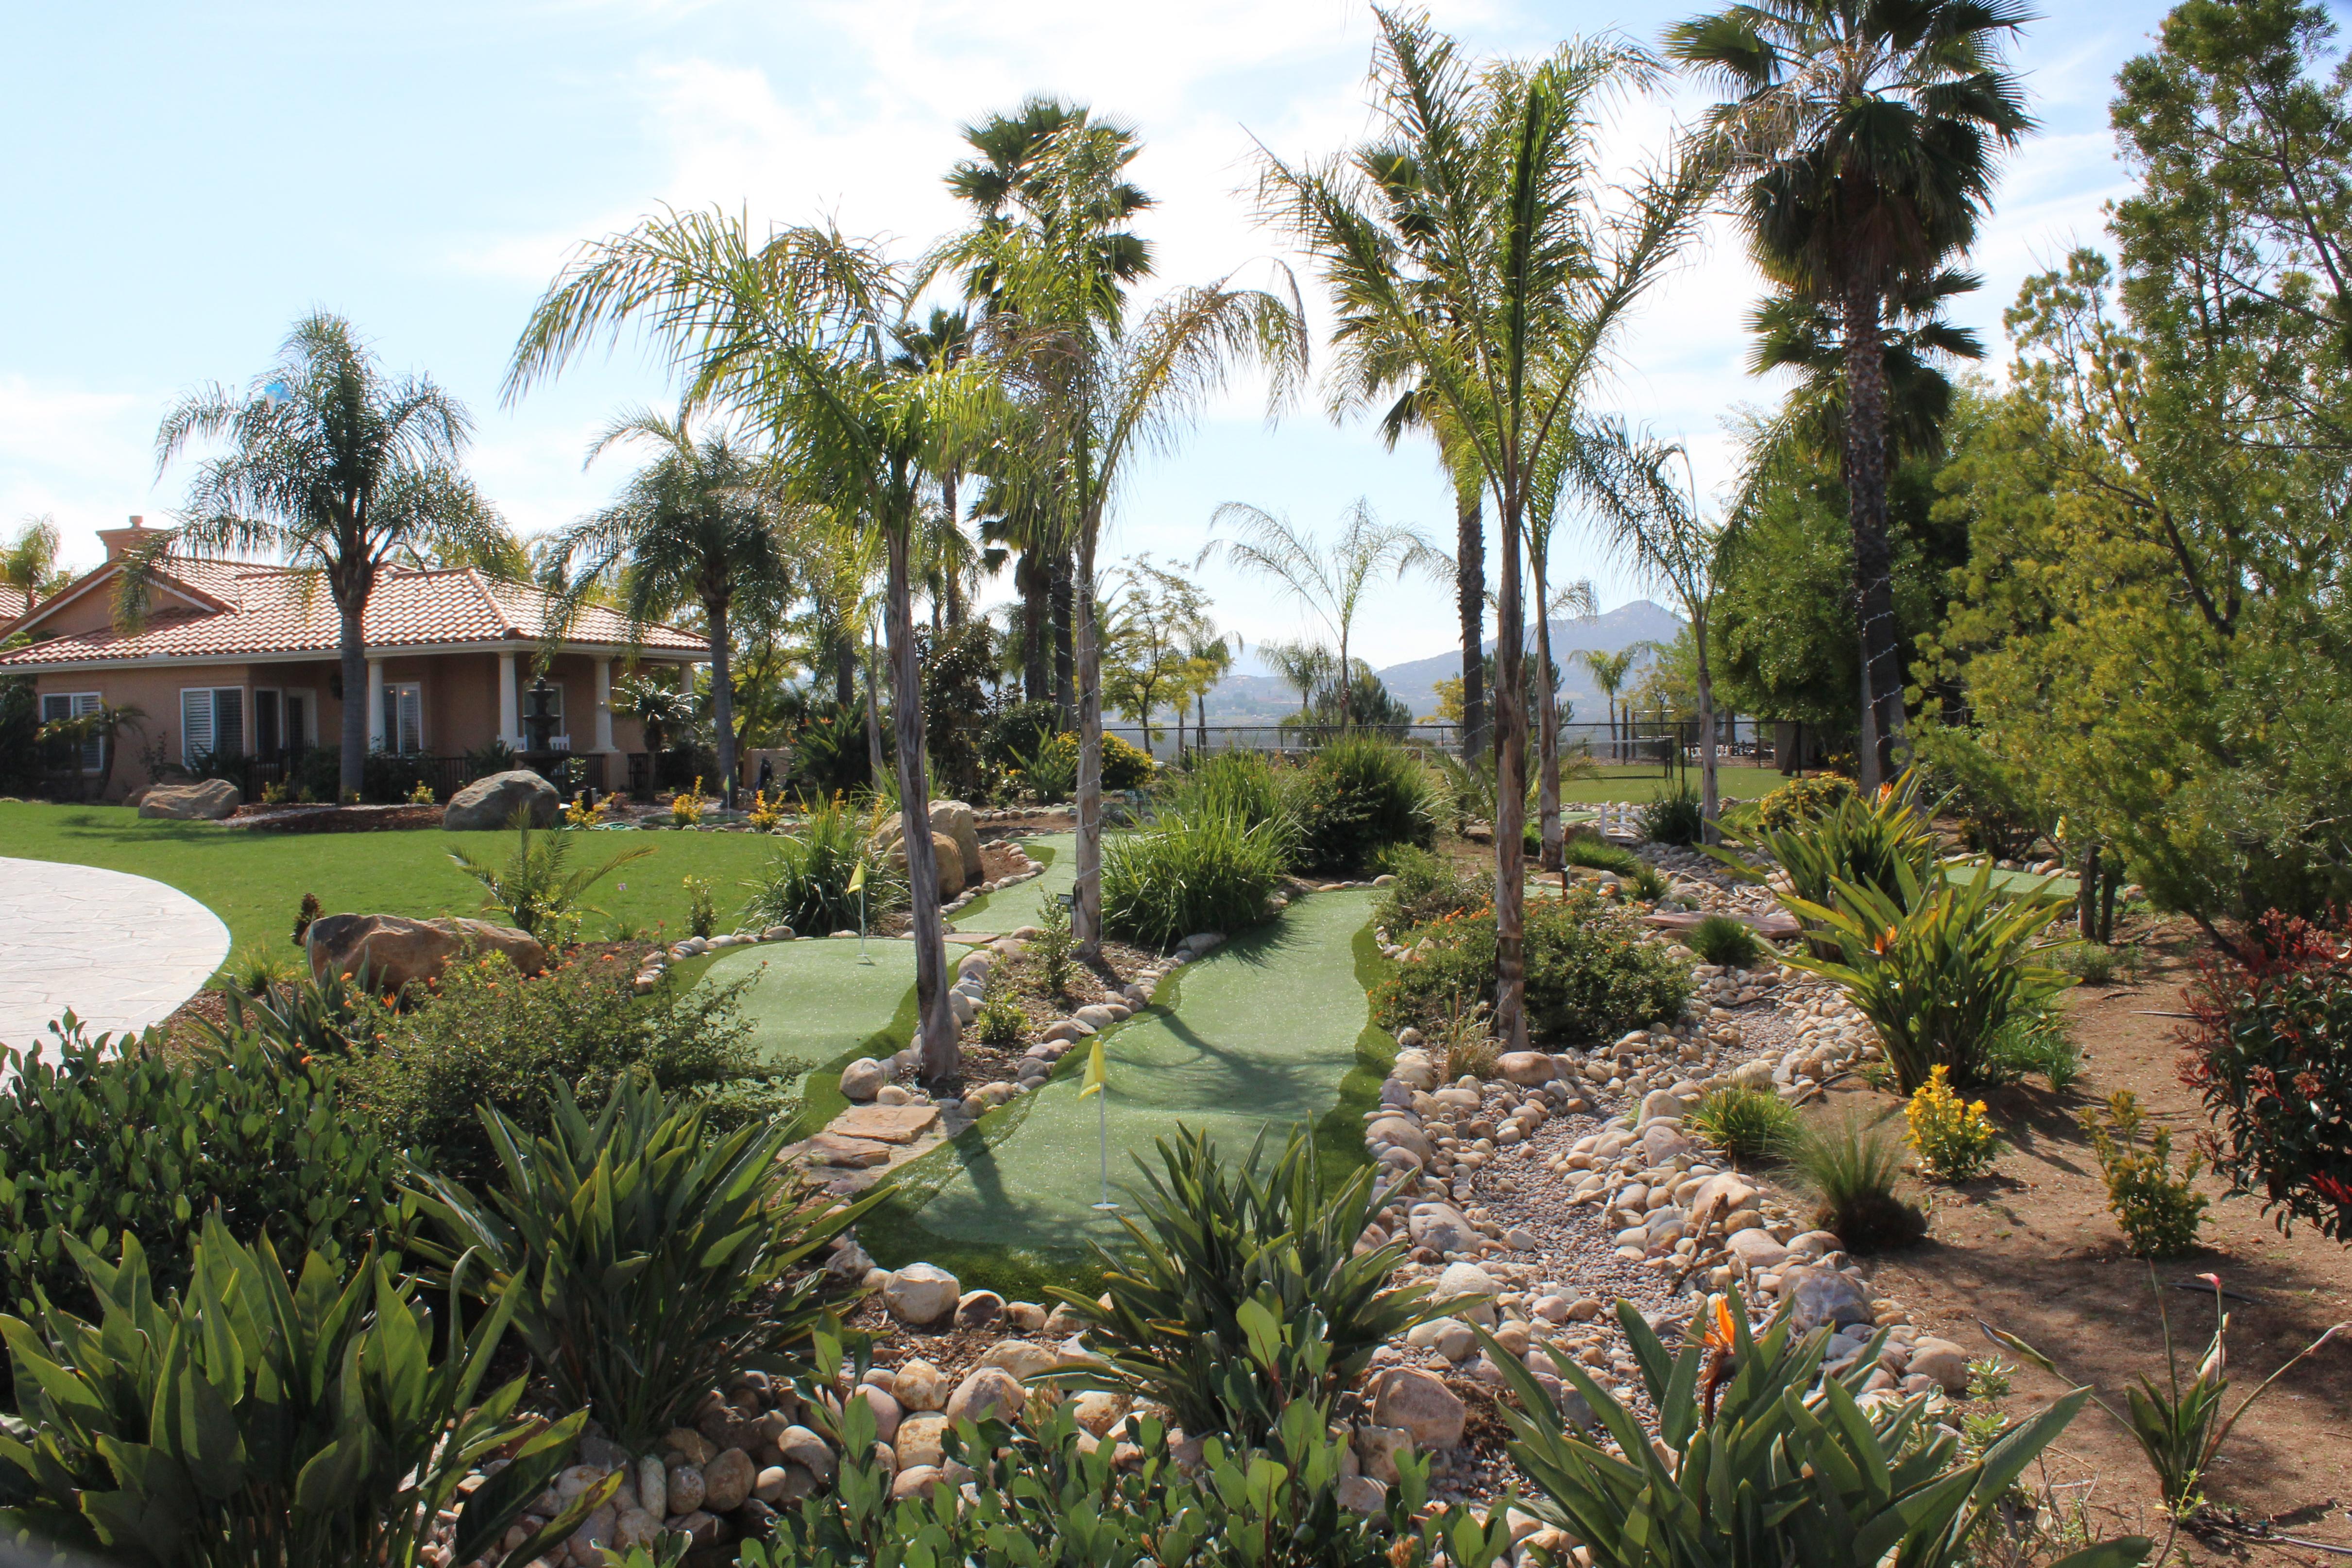 9 Hole Mini Golf Course